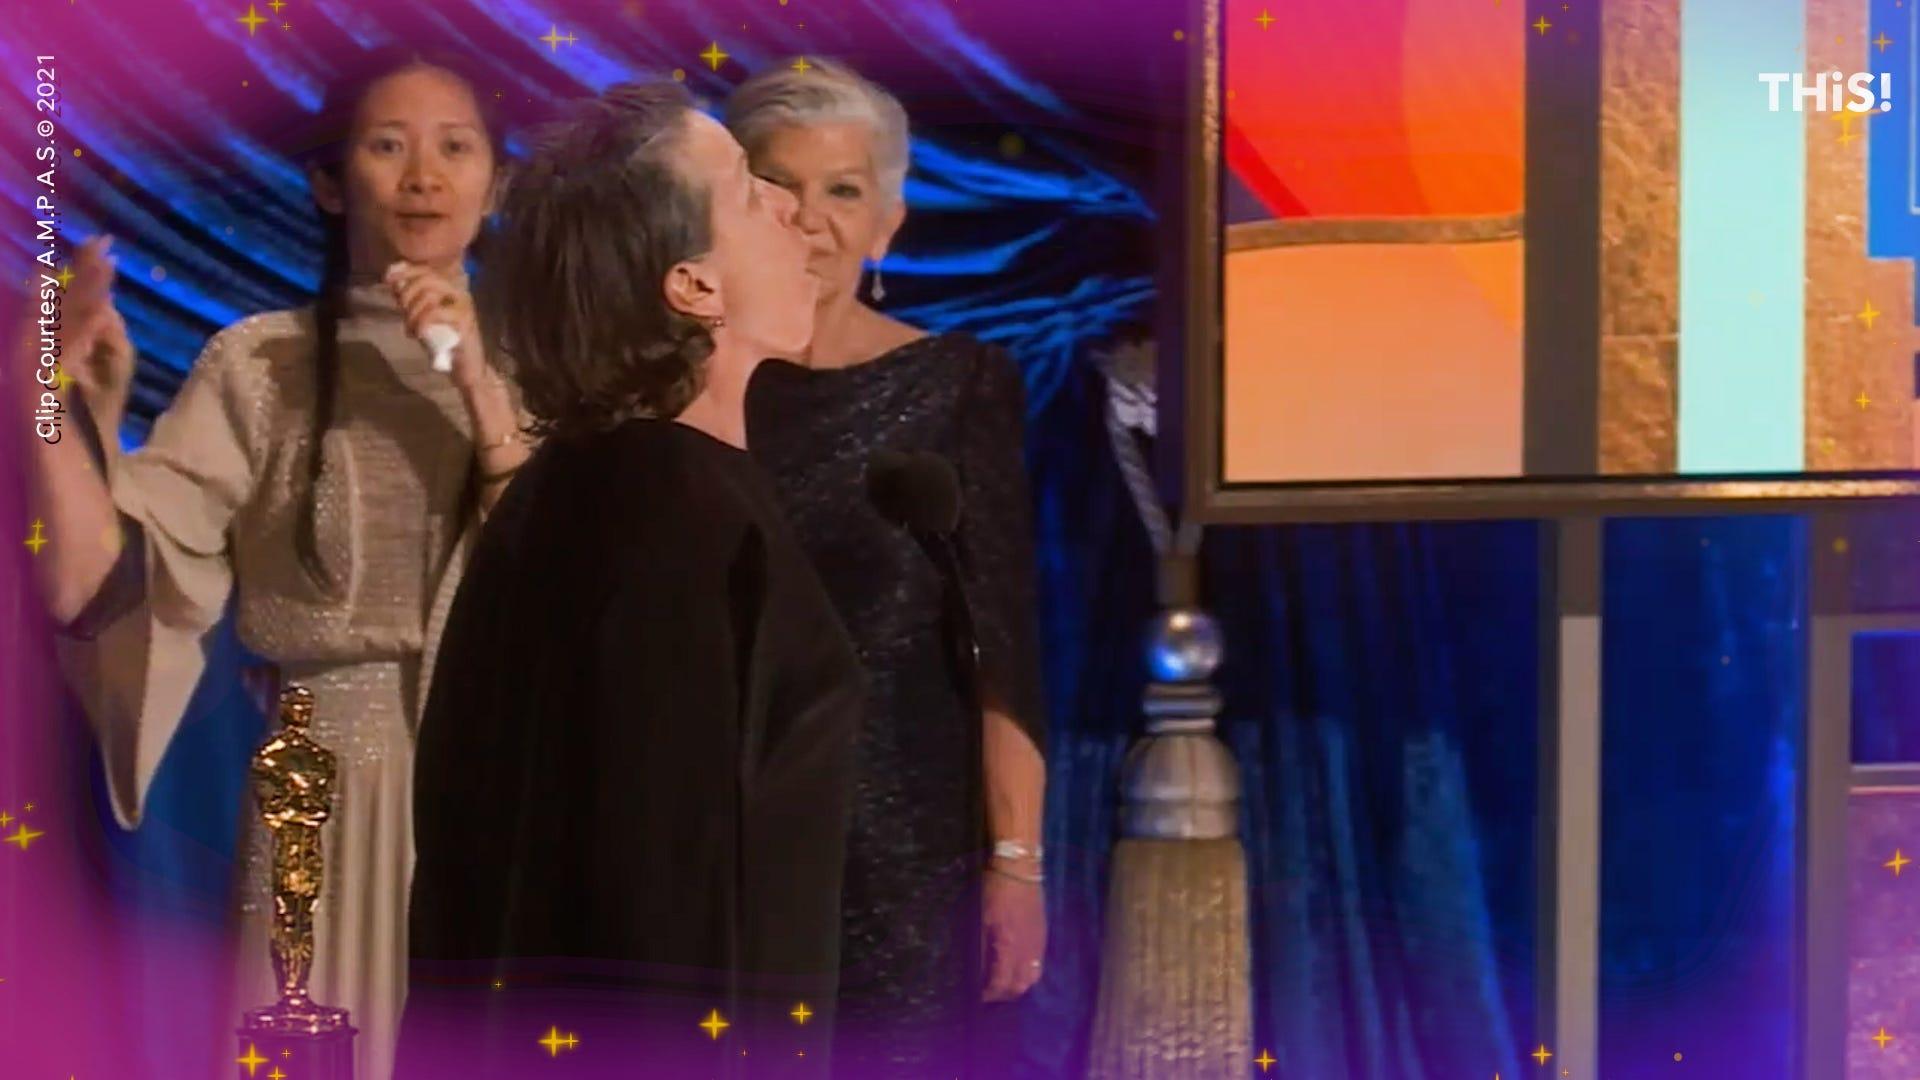 Daniel Kaluuya's speech, Glenn Close's dance, Frances McDormand's howl highlight Oscars